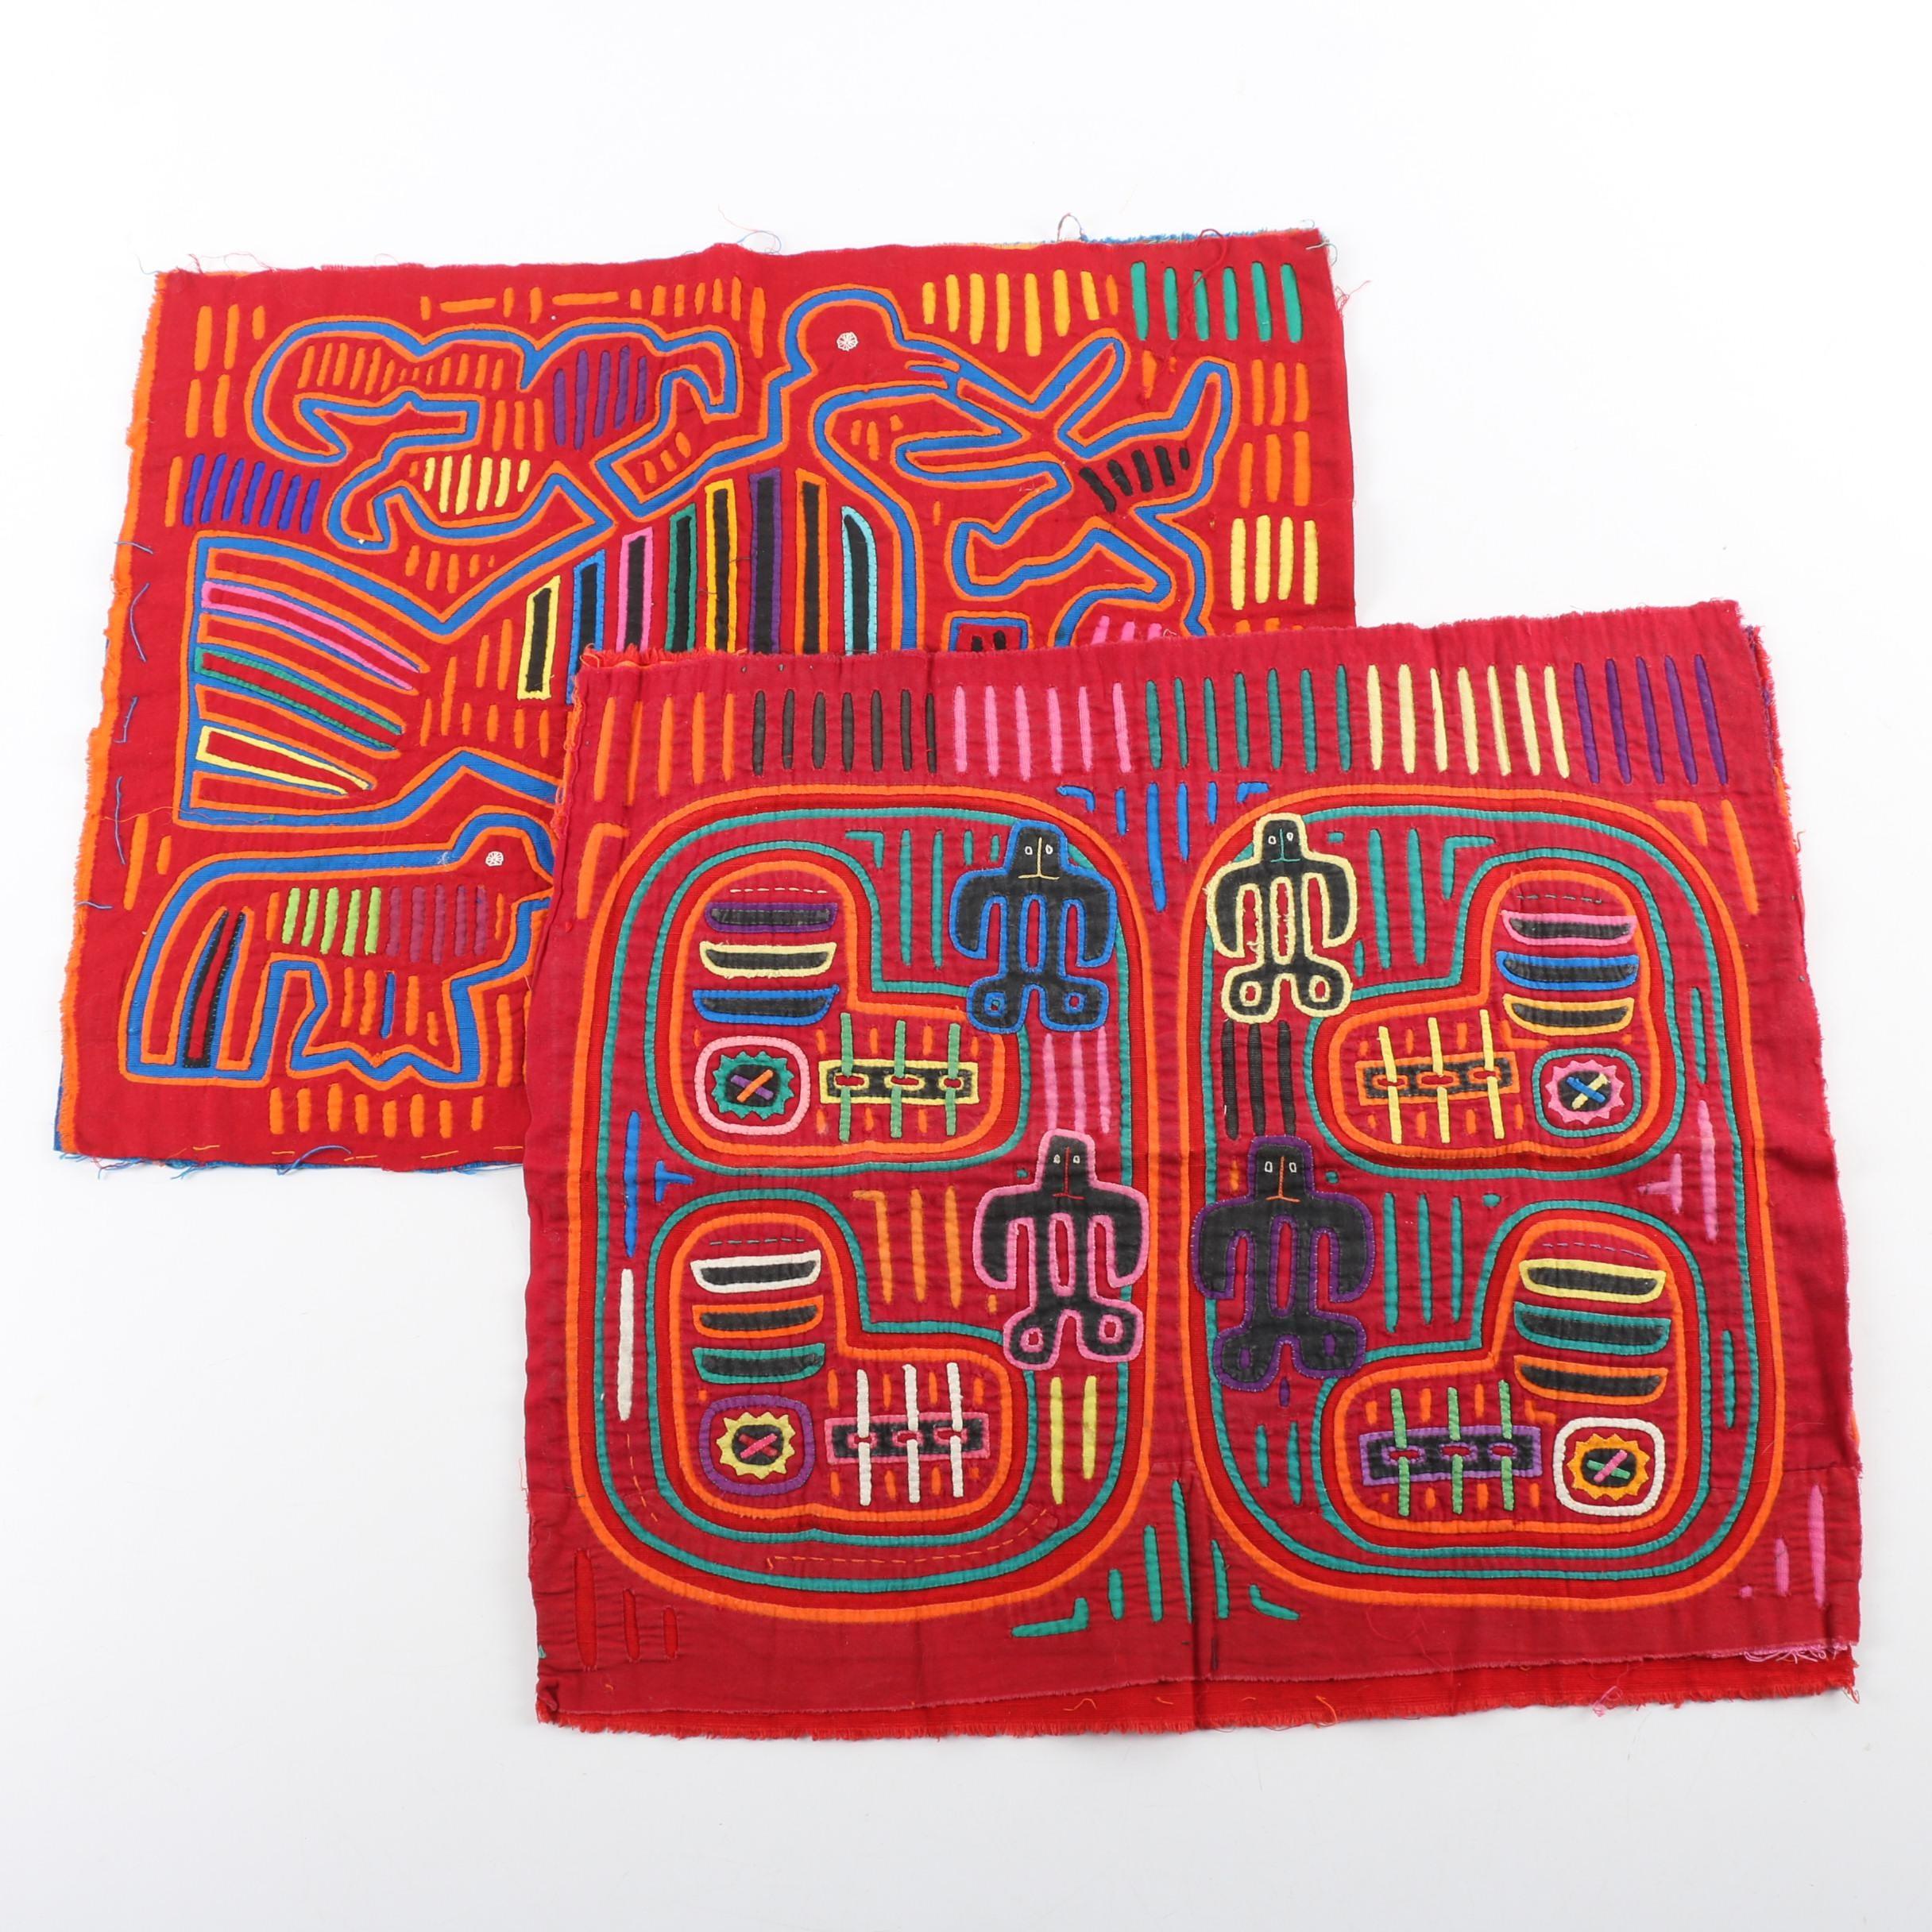 Nola Style Decorative Applique Pieces